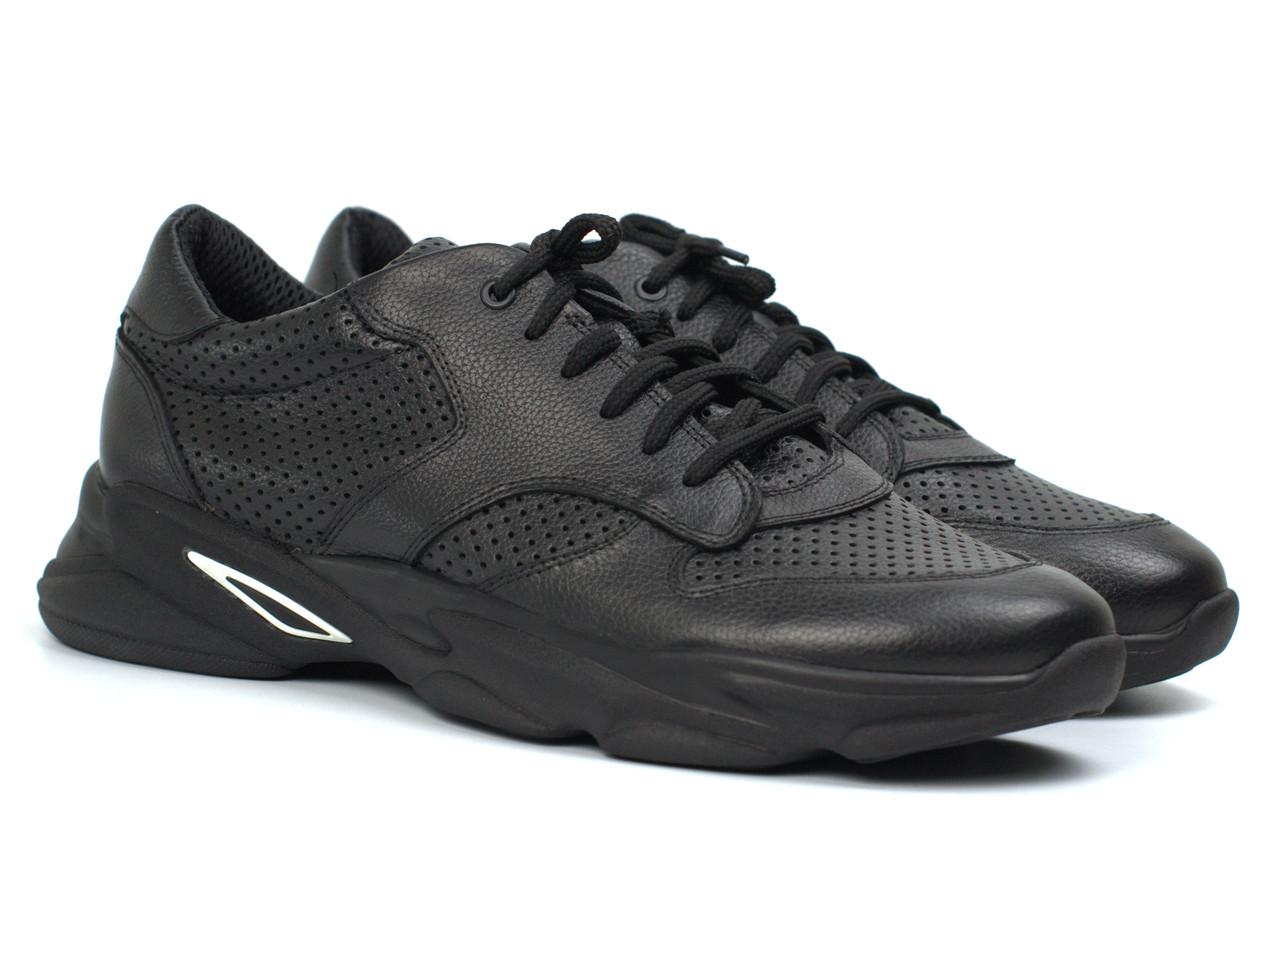 Кроссовки мужские летние сетка кожаные дышащая обувь больших размеров Rosso Avangard ReBaKa PerfLeath Floto BS